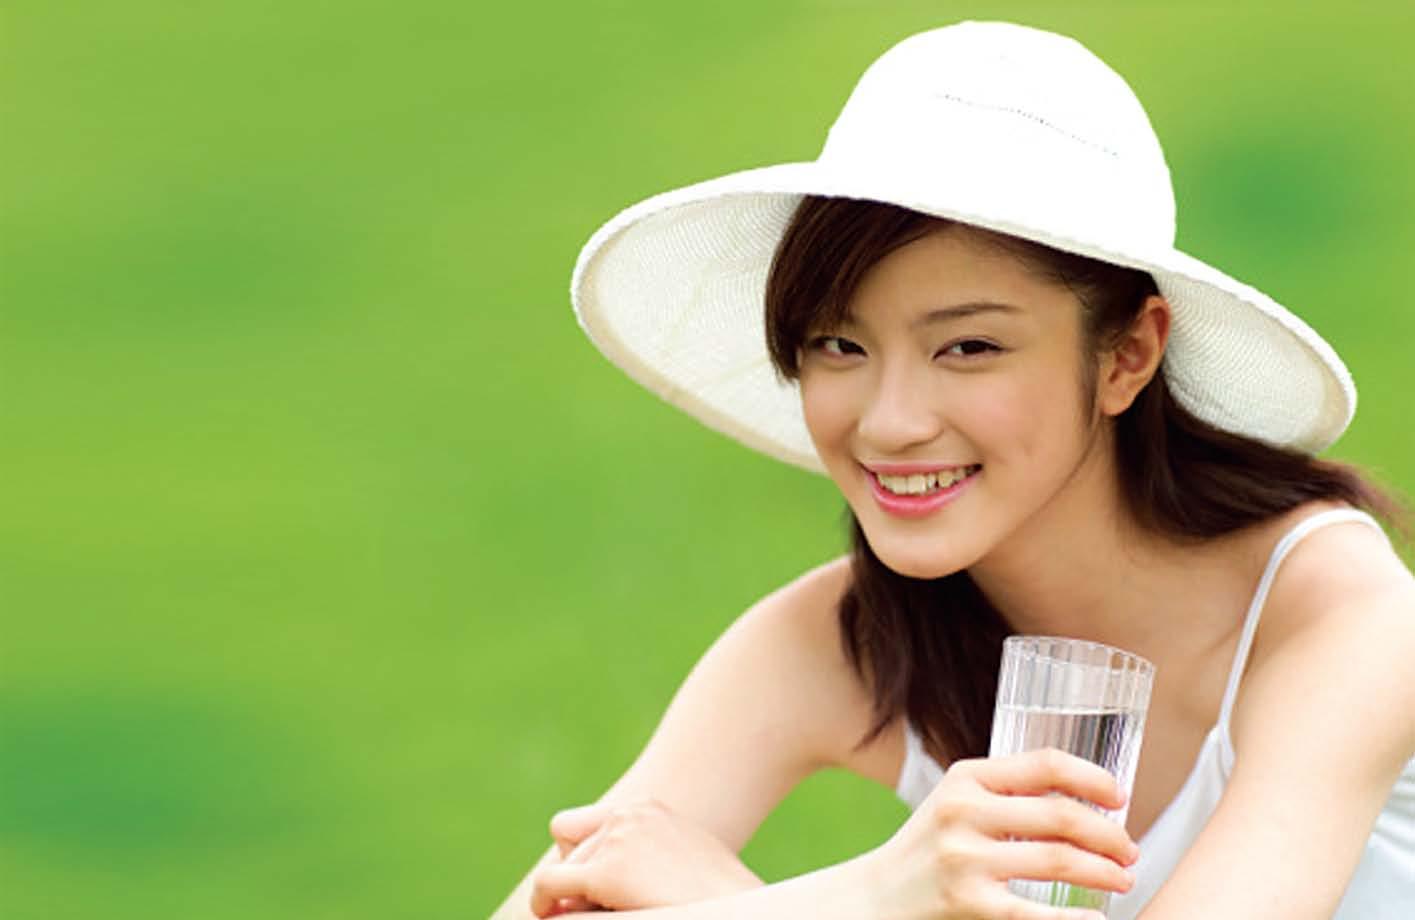 Duy trì thói quen uống 2 lít nước mỗi ngày tốt cho sức khỏe